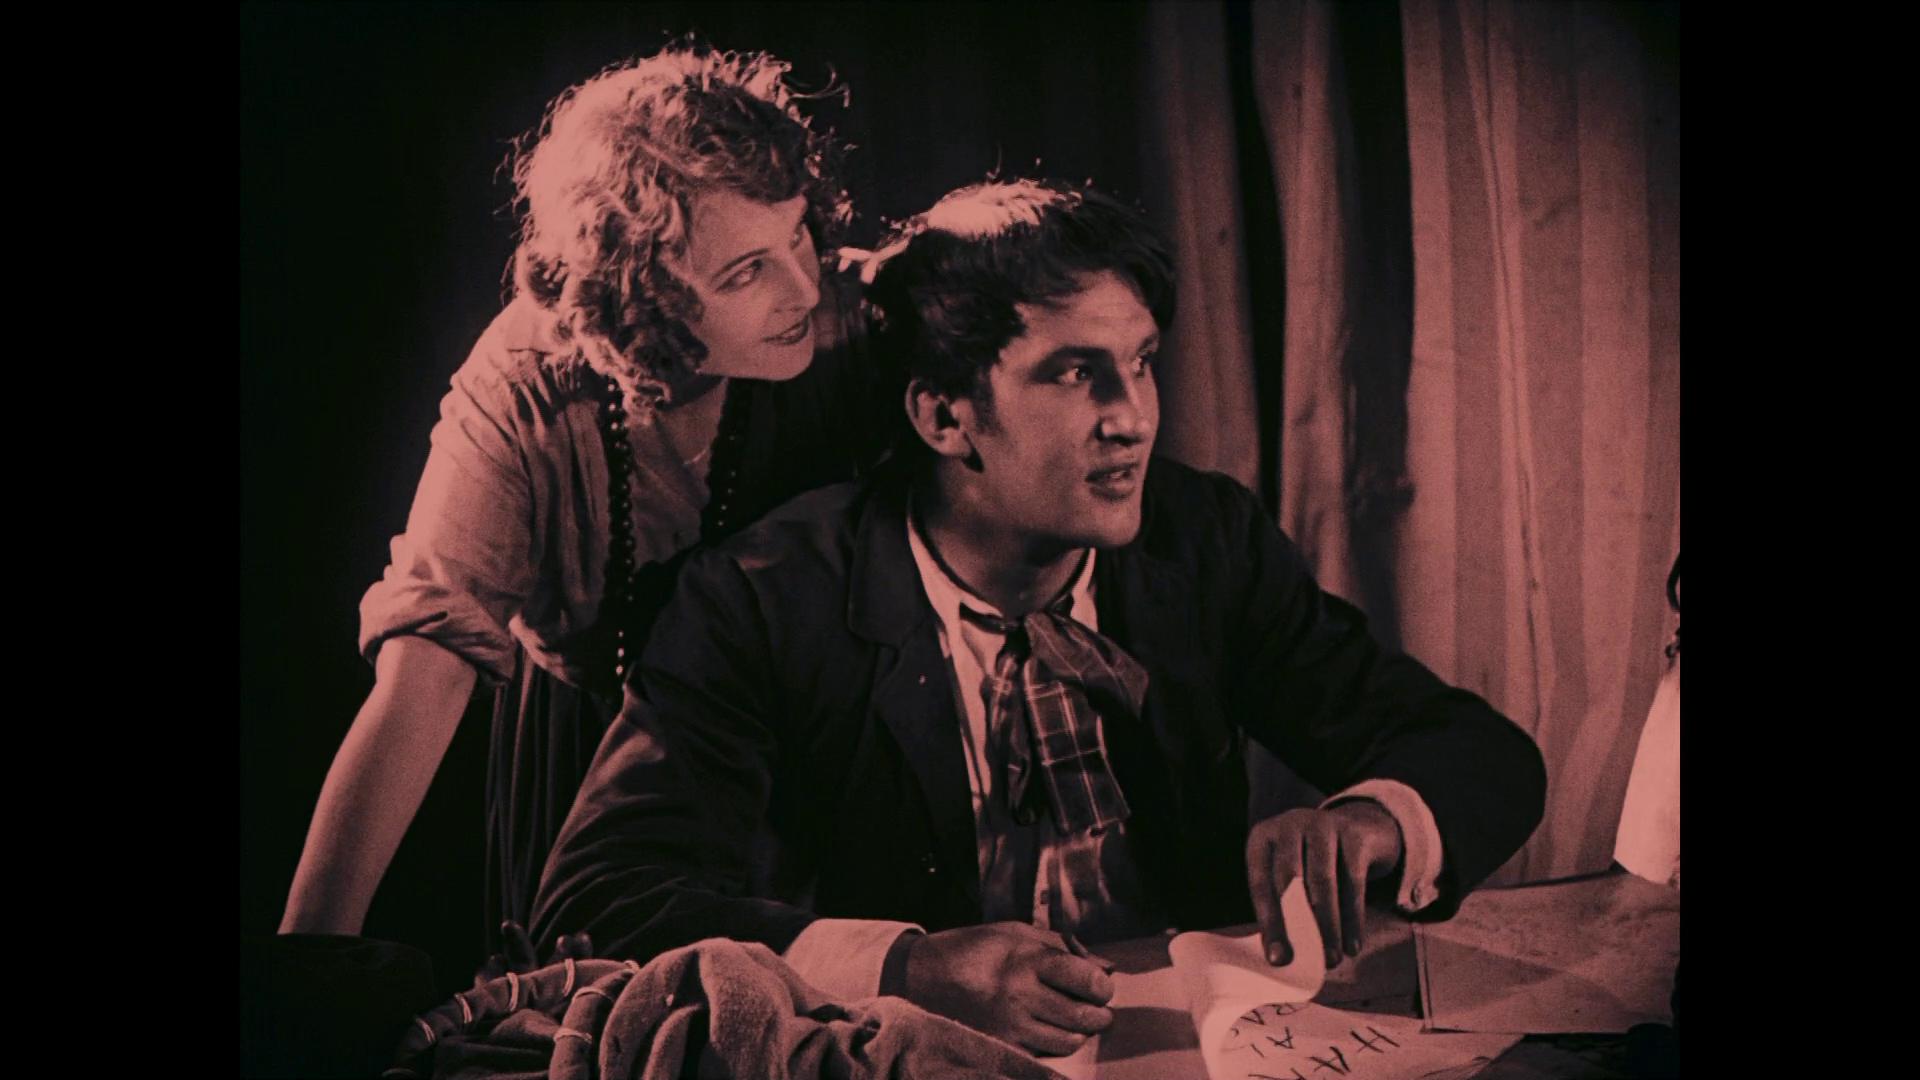 Wilhelm Dieterle dans le film muet Das Wachsfigurenkabinett (Le cabinet des figures de cire, 1924) de Paul Leni